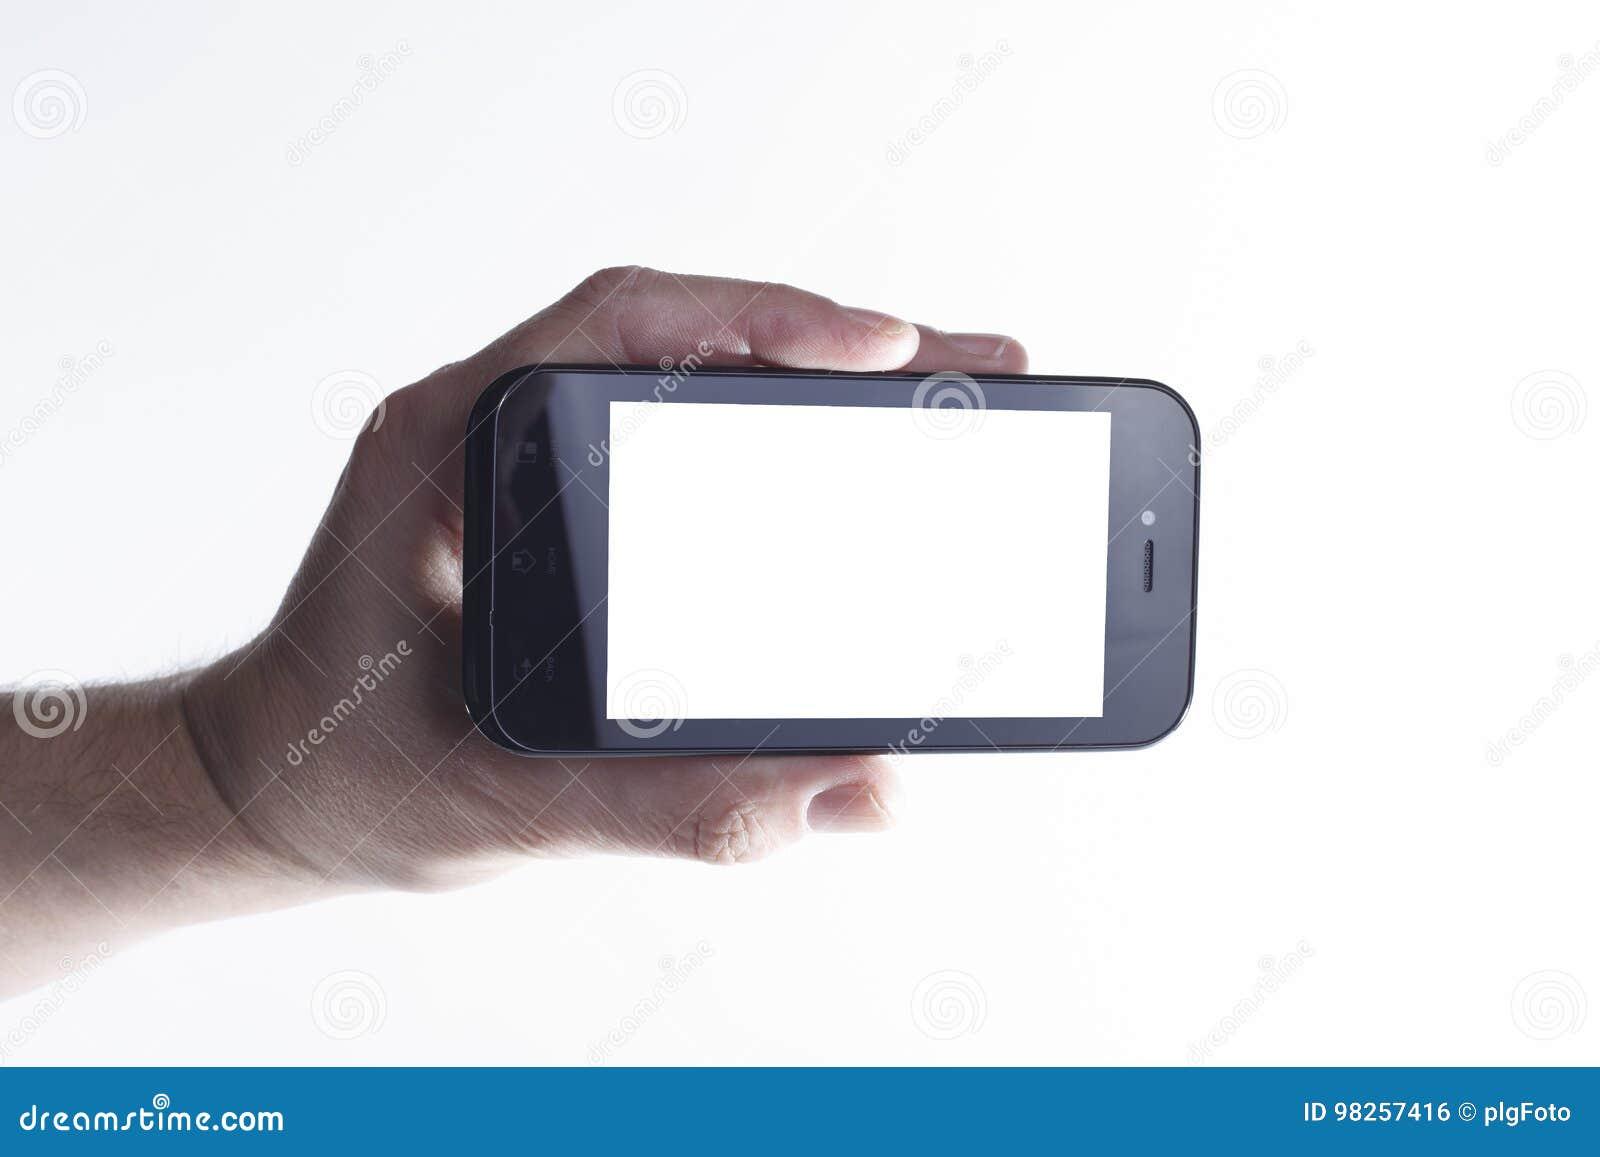 Smartphone в руке